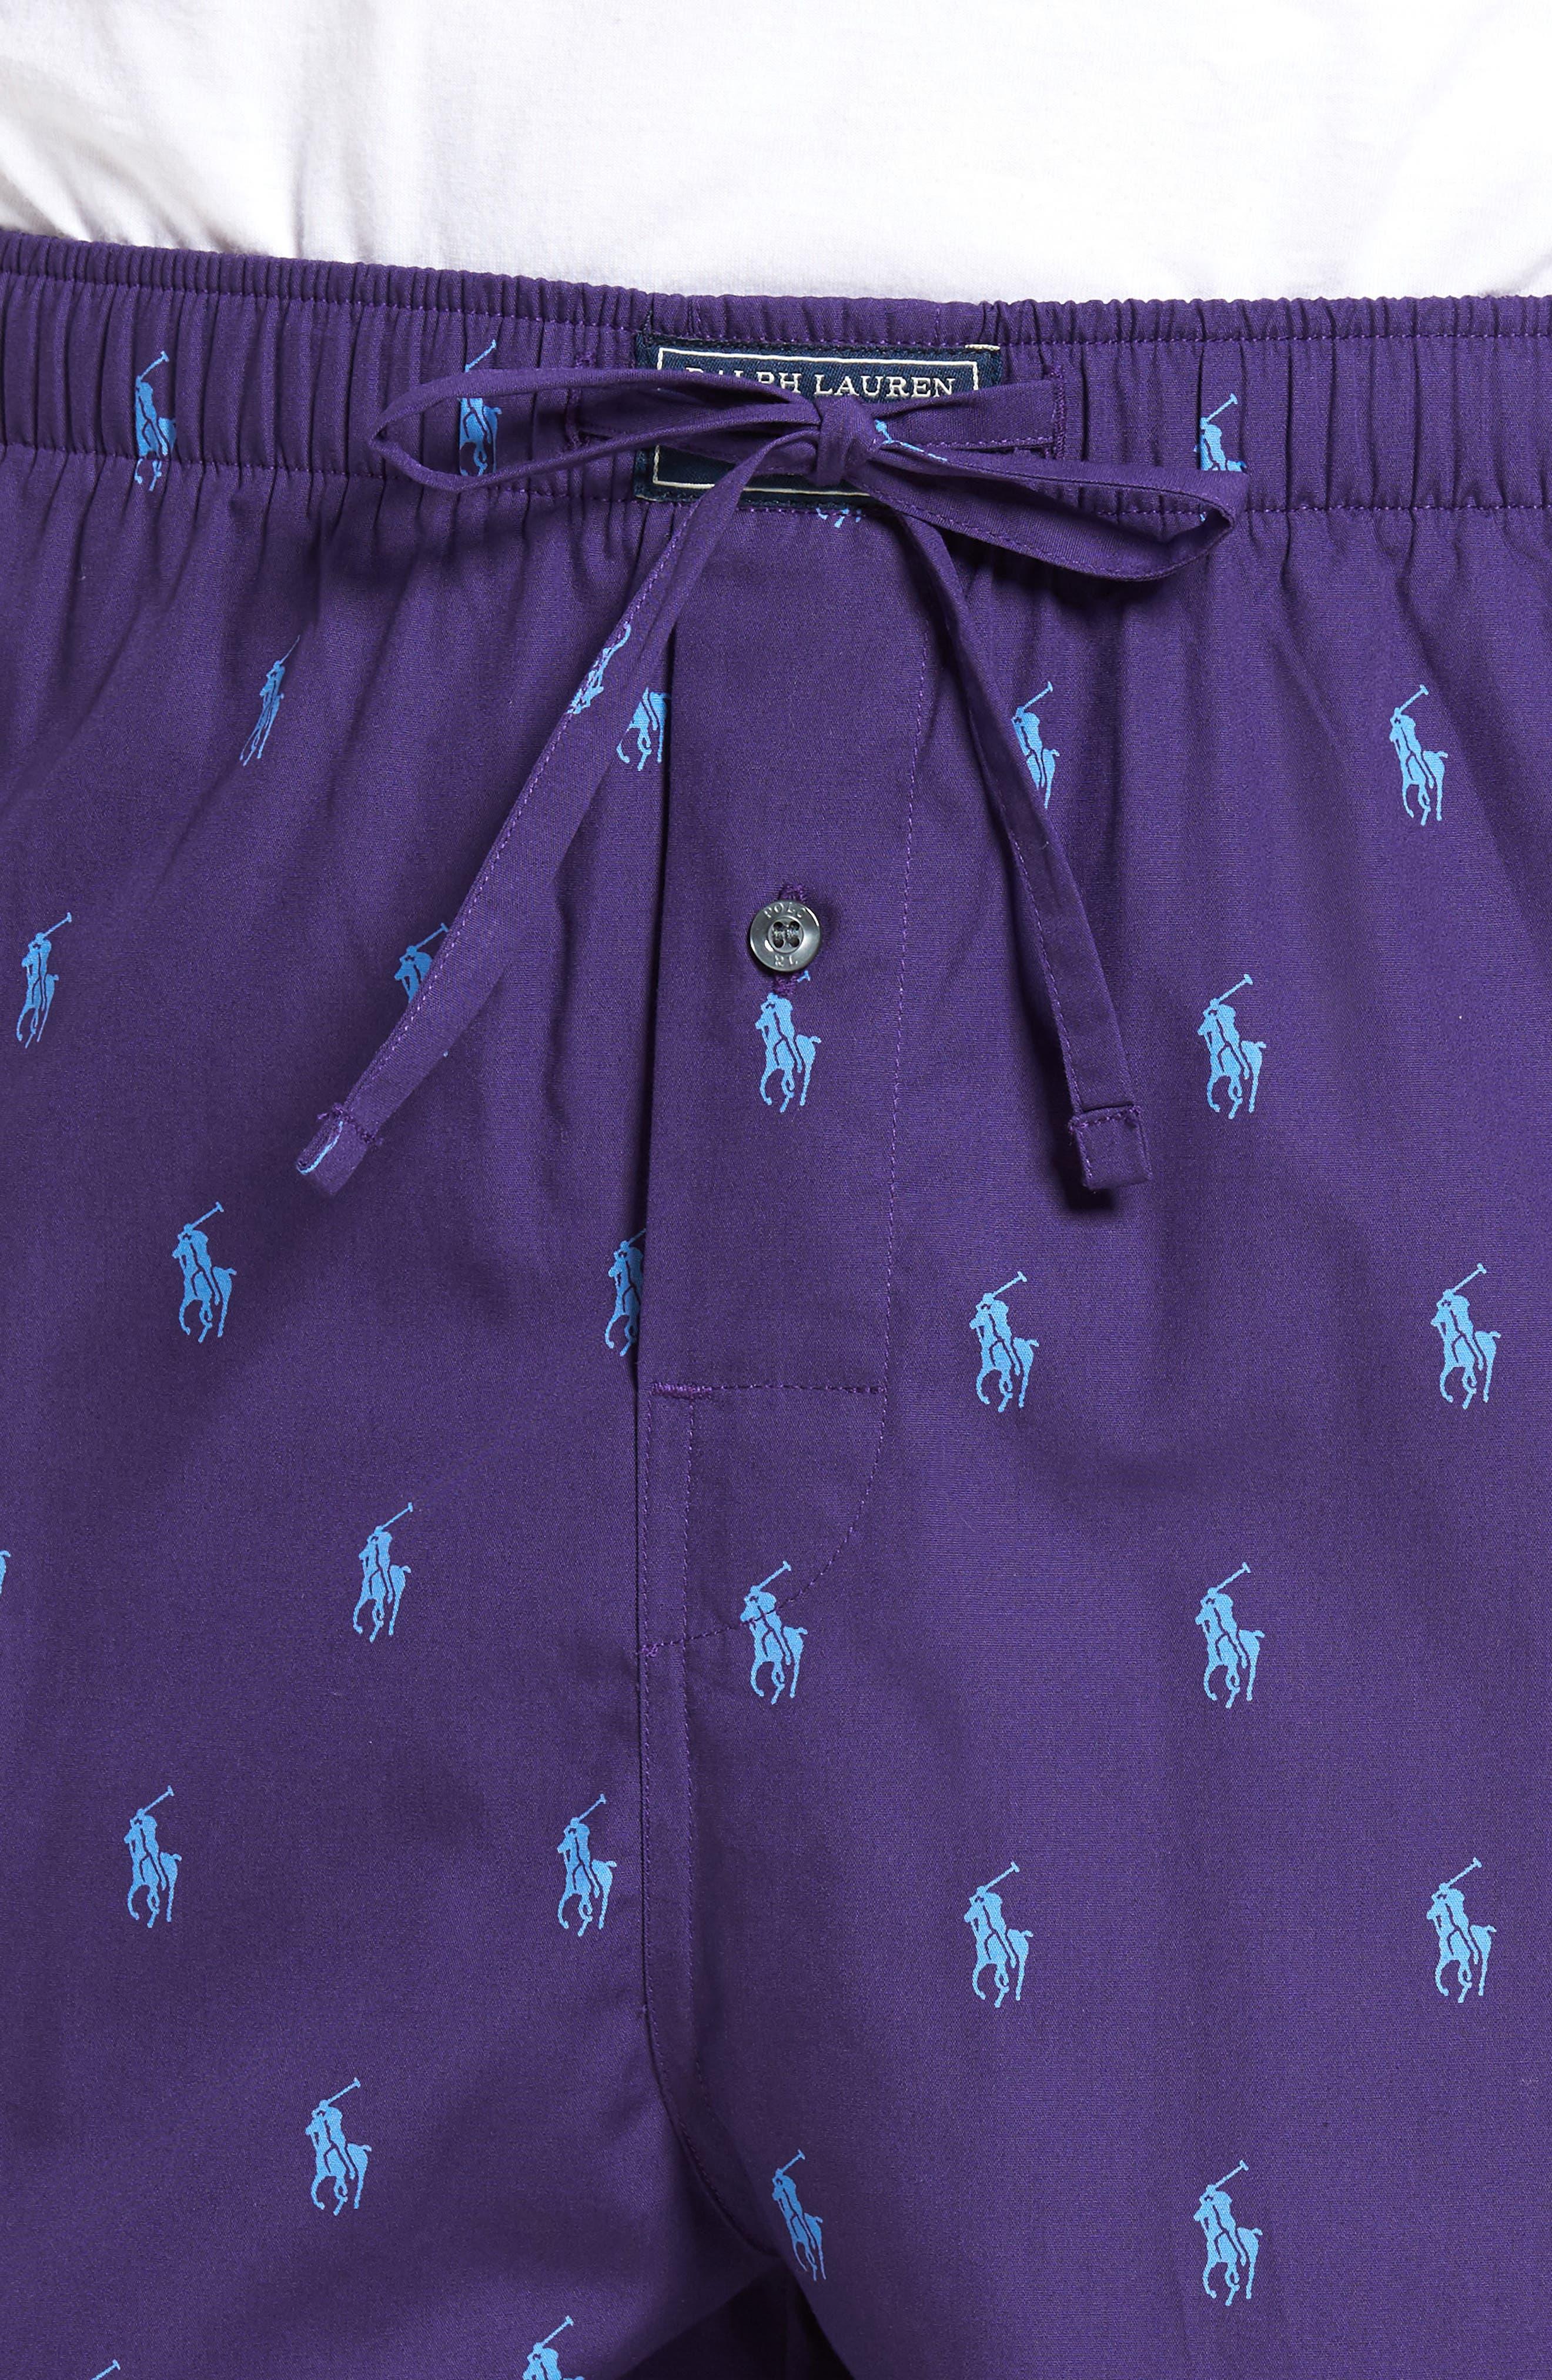 Polo Ralph Lauren Cotton Lounge Pants,                             Alternate thumbnail 19, color,